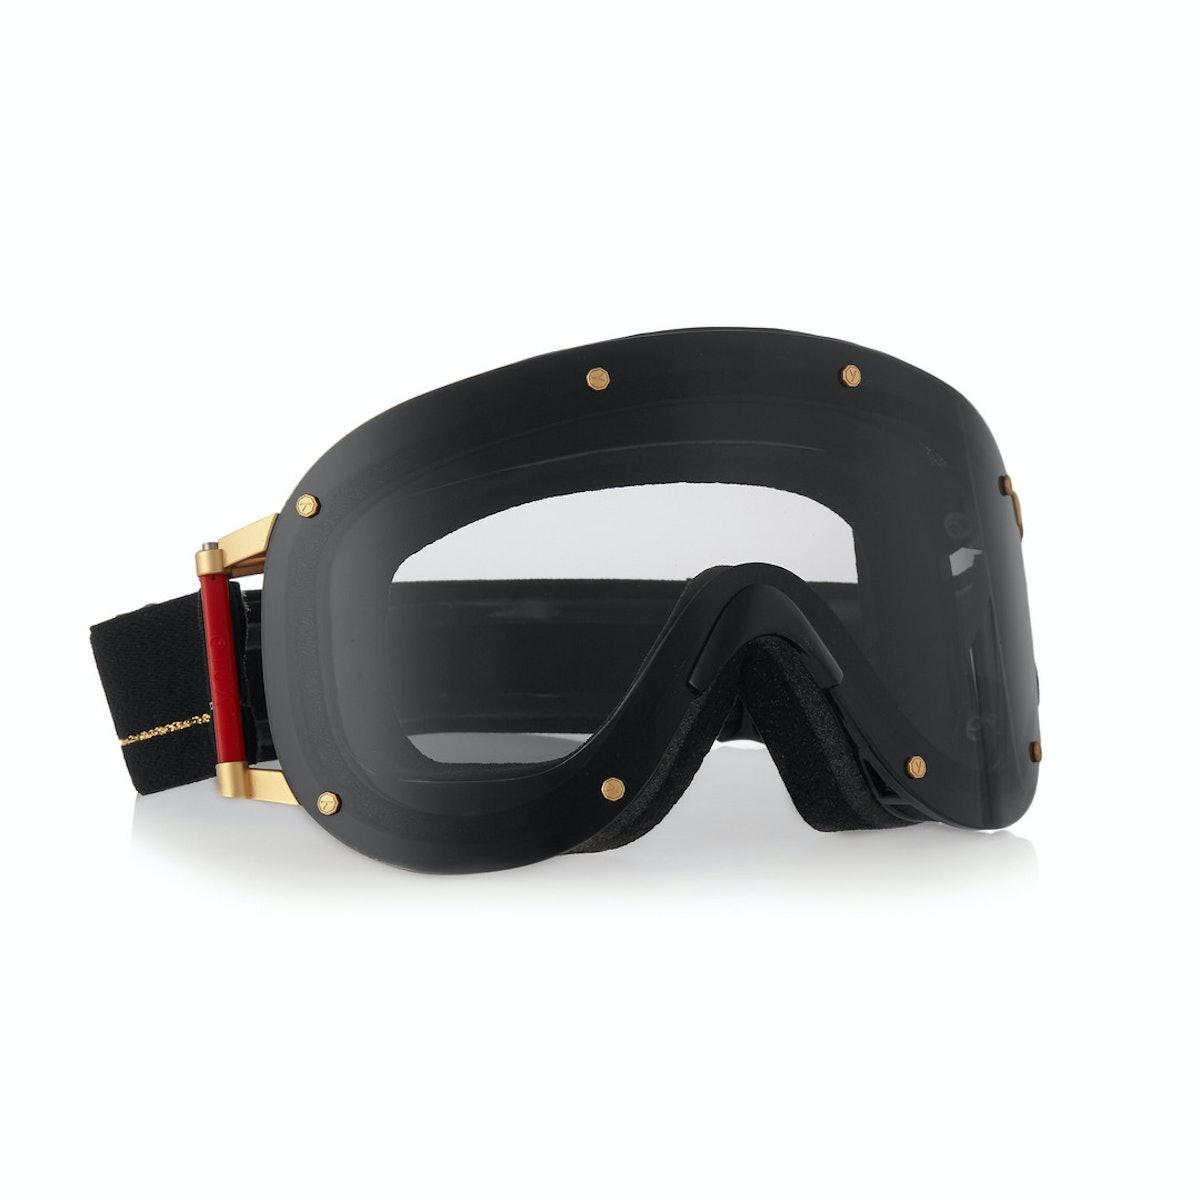 YNIQ goggles